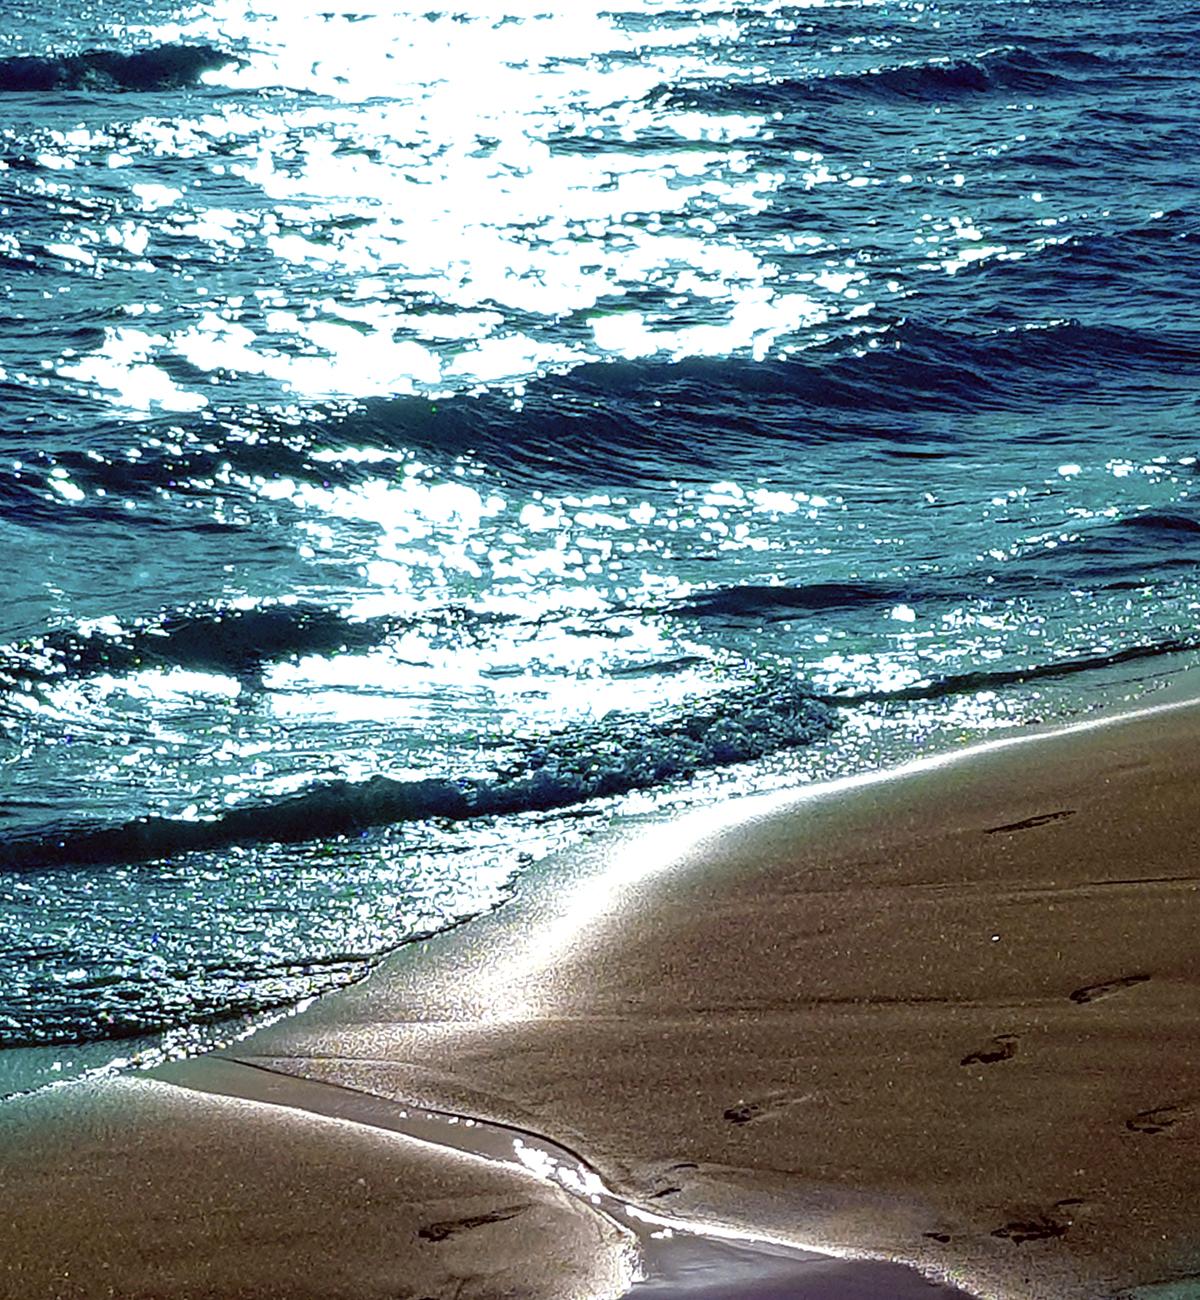 Spiaggia di Siculiana, Caltanissettalive.it